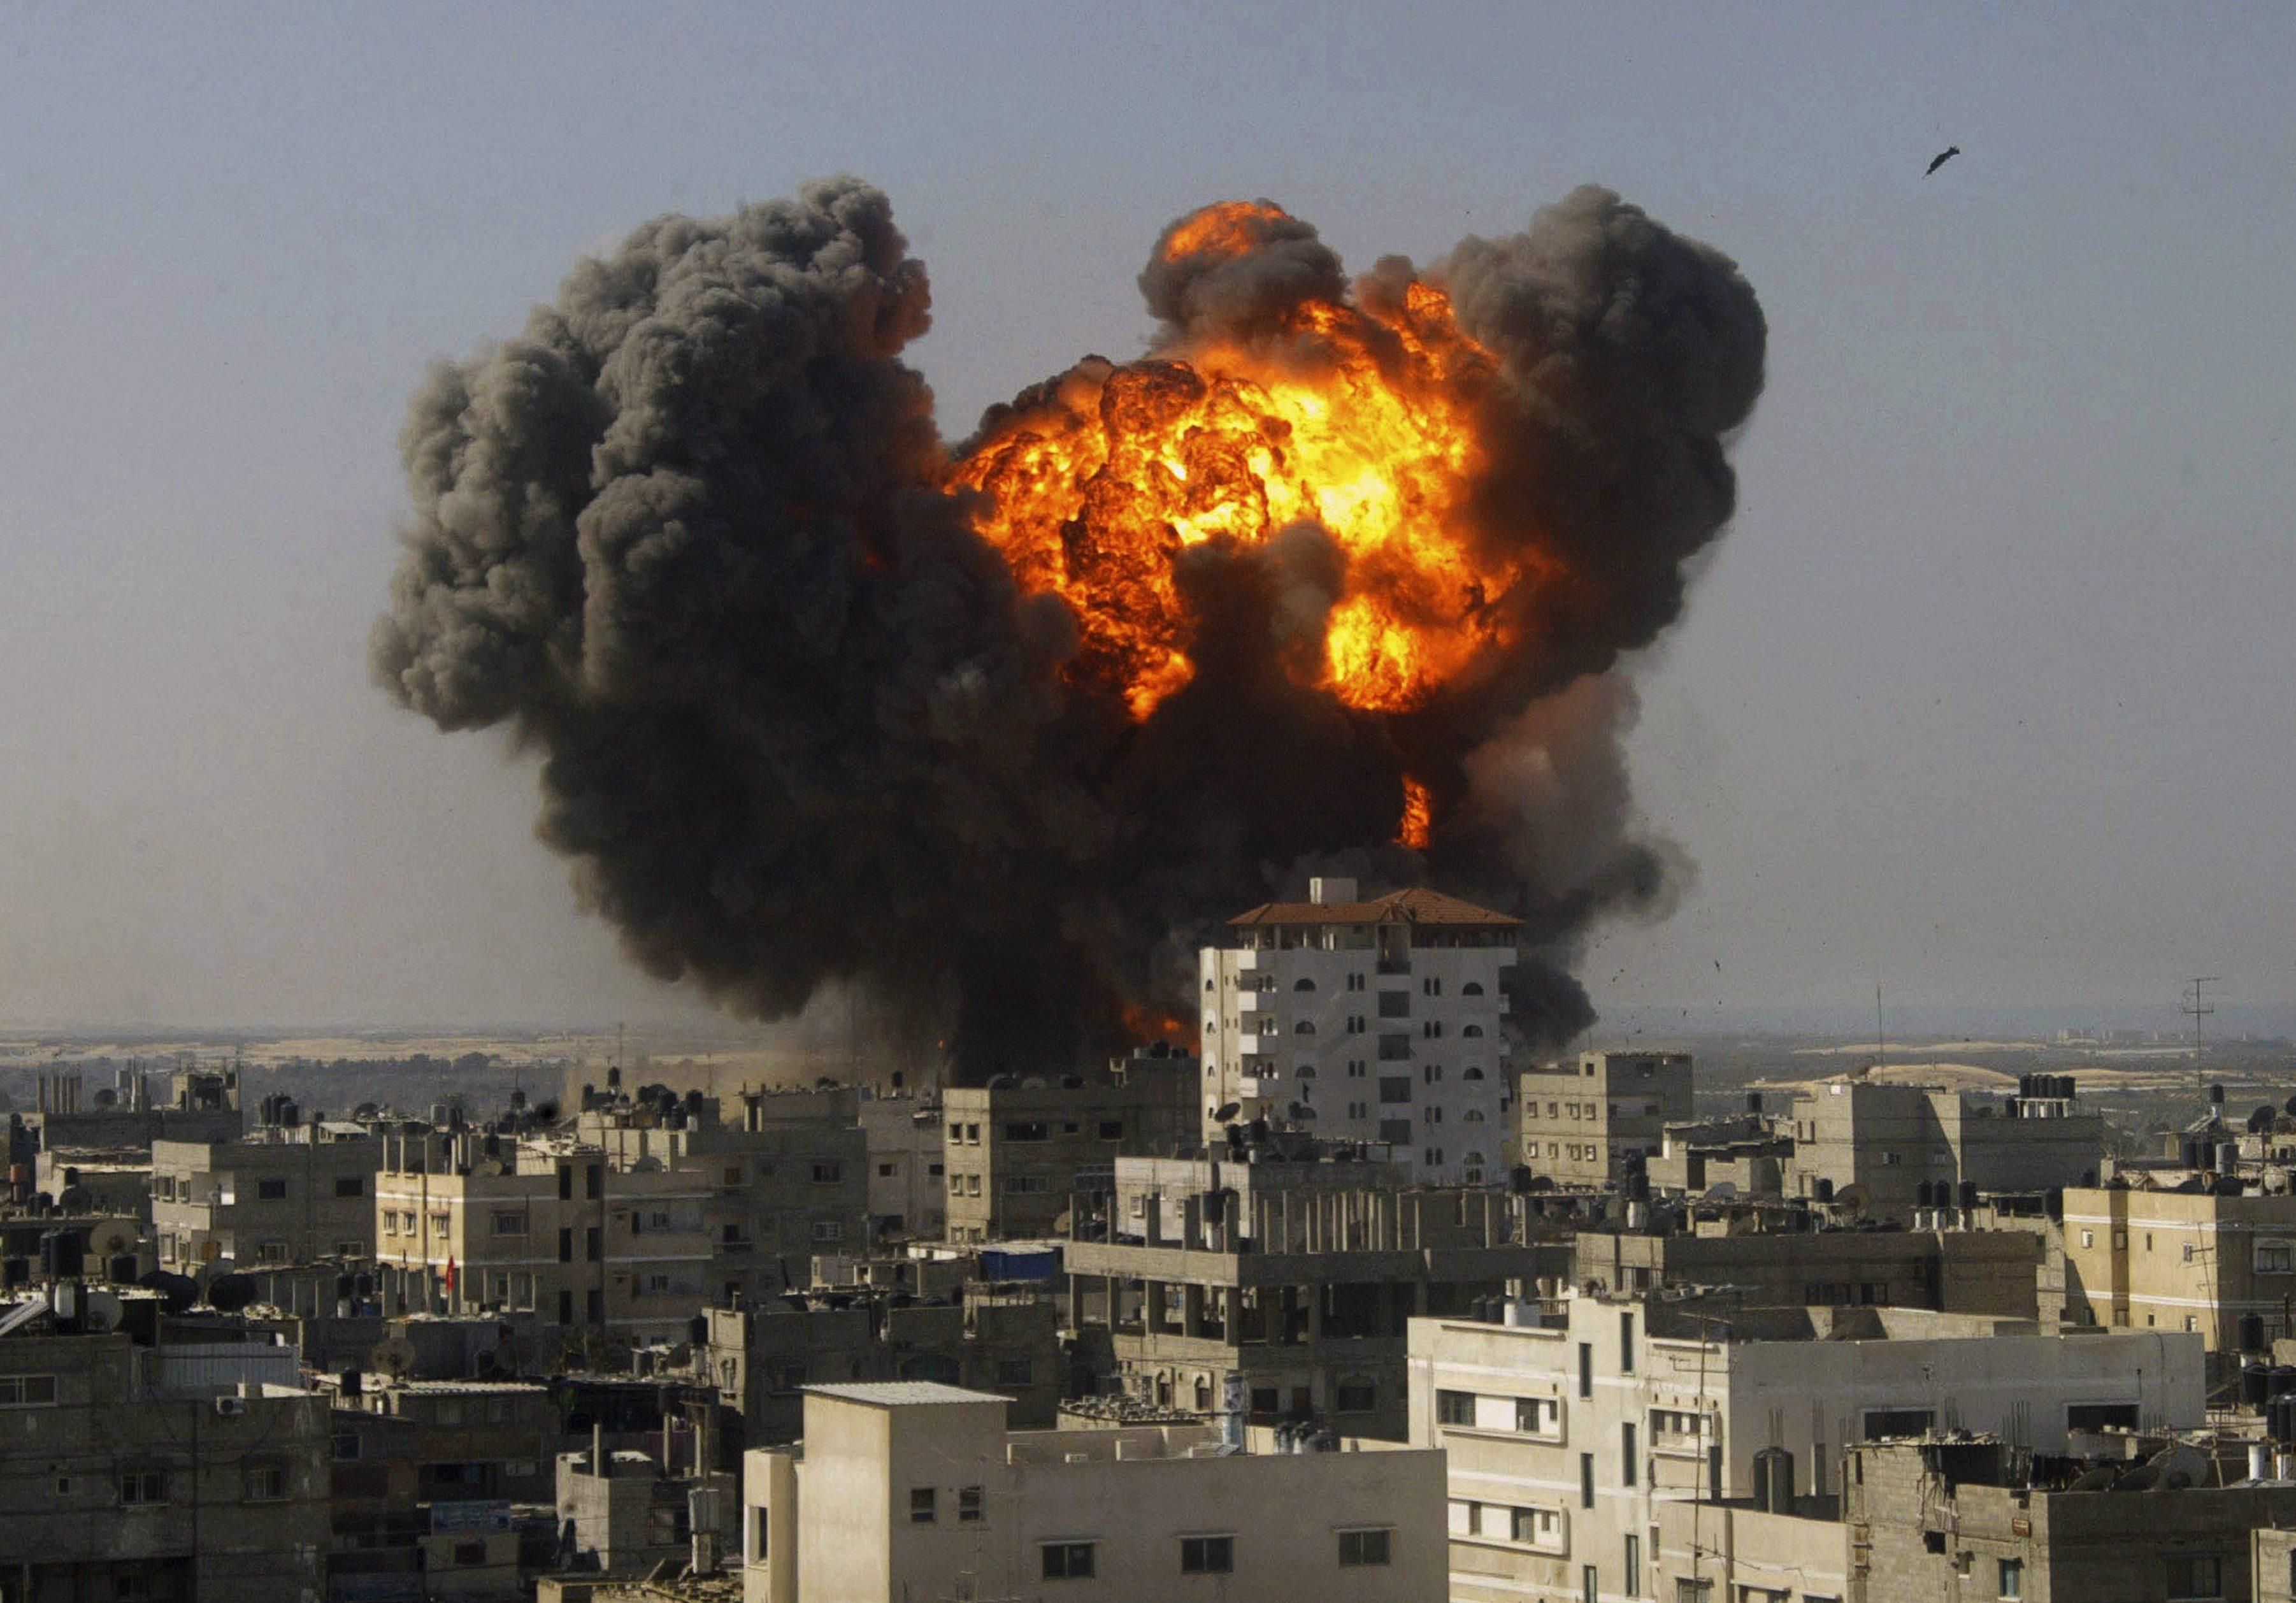 صريع إسرائيلي مقابل كل 23 شهيد فلسطيني خلال 3 أسابيع مضت من حرب غزة (مقارنات)